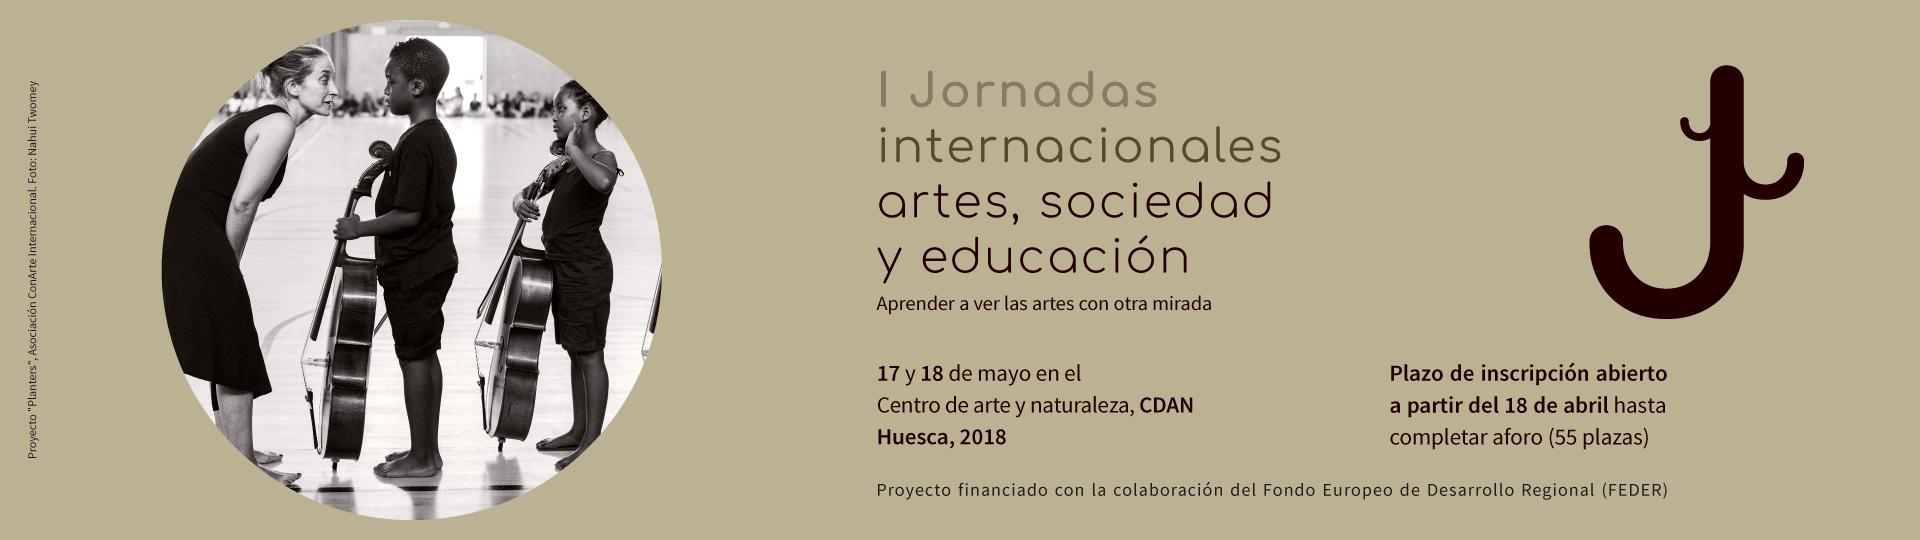 I Jornadas internacionales artes, sociedad y educación